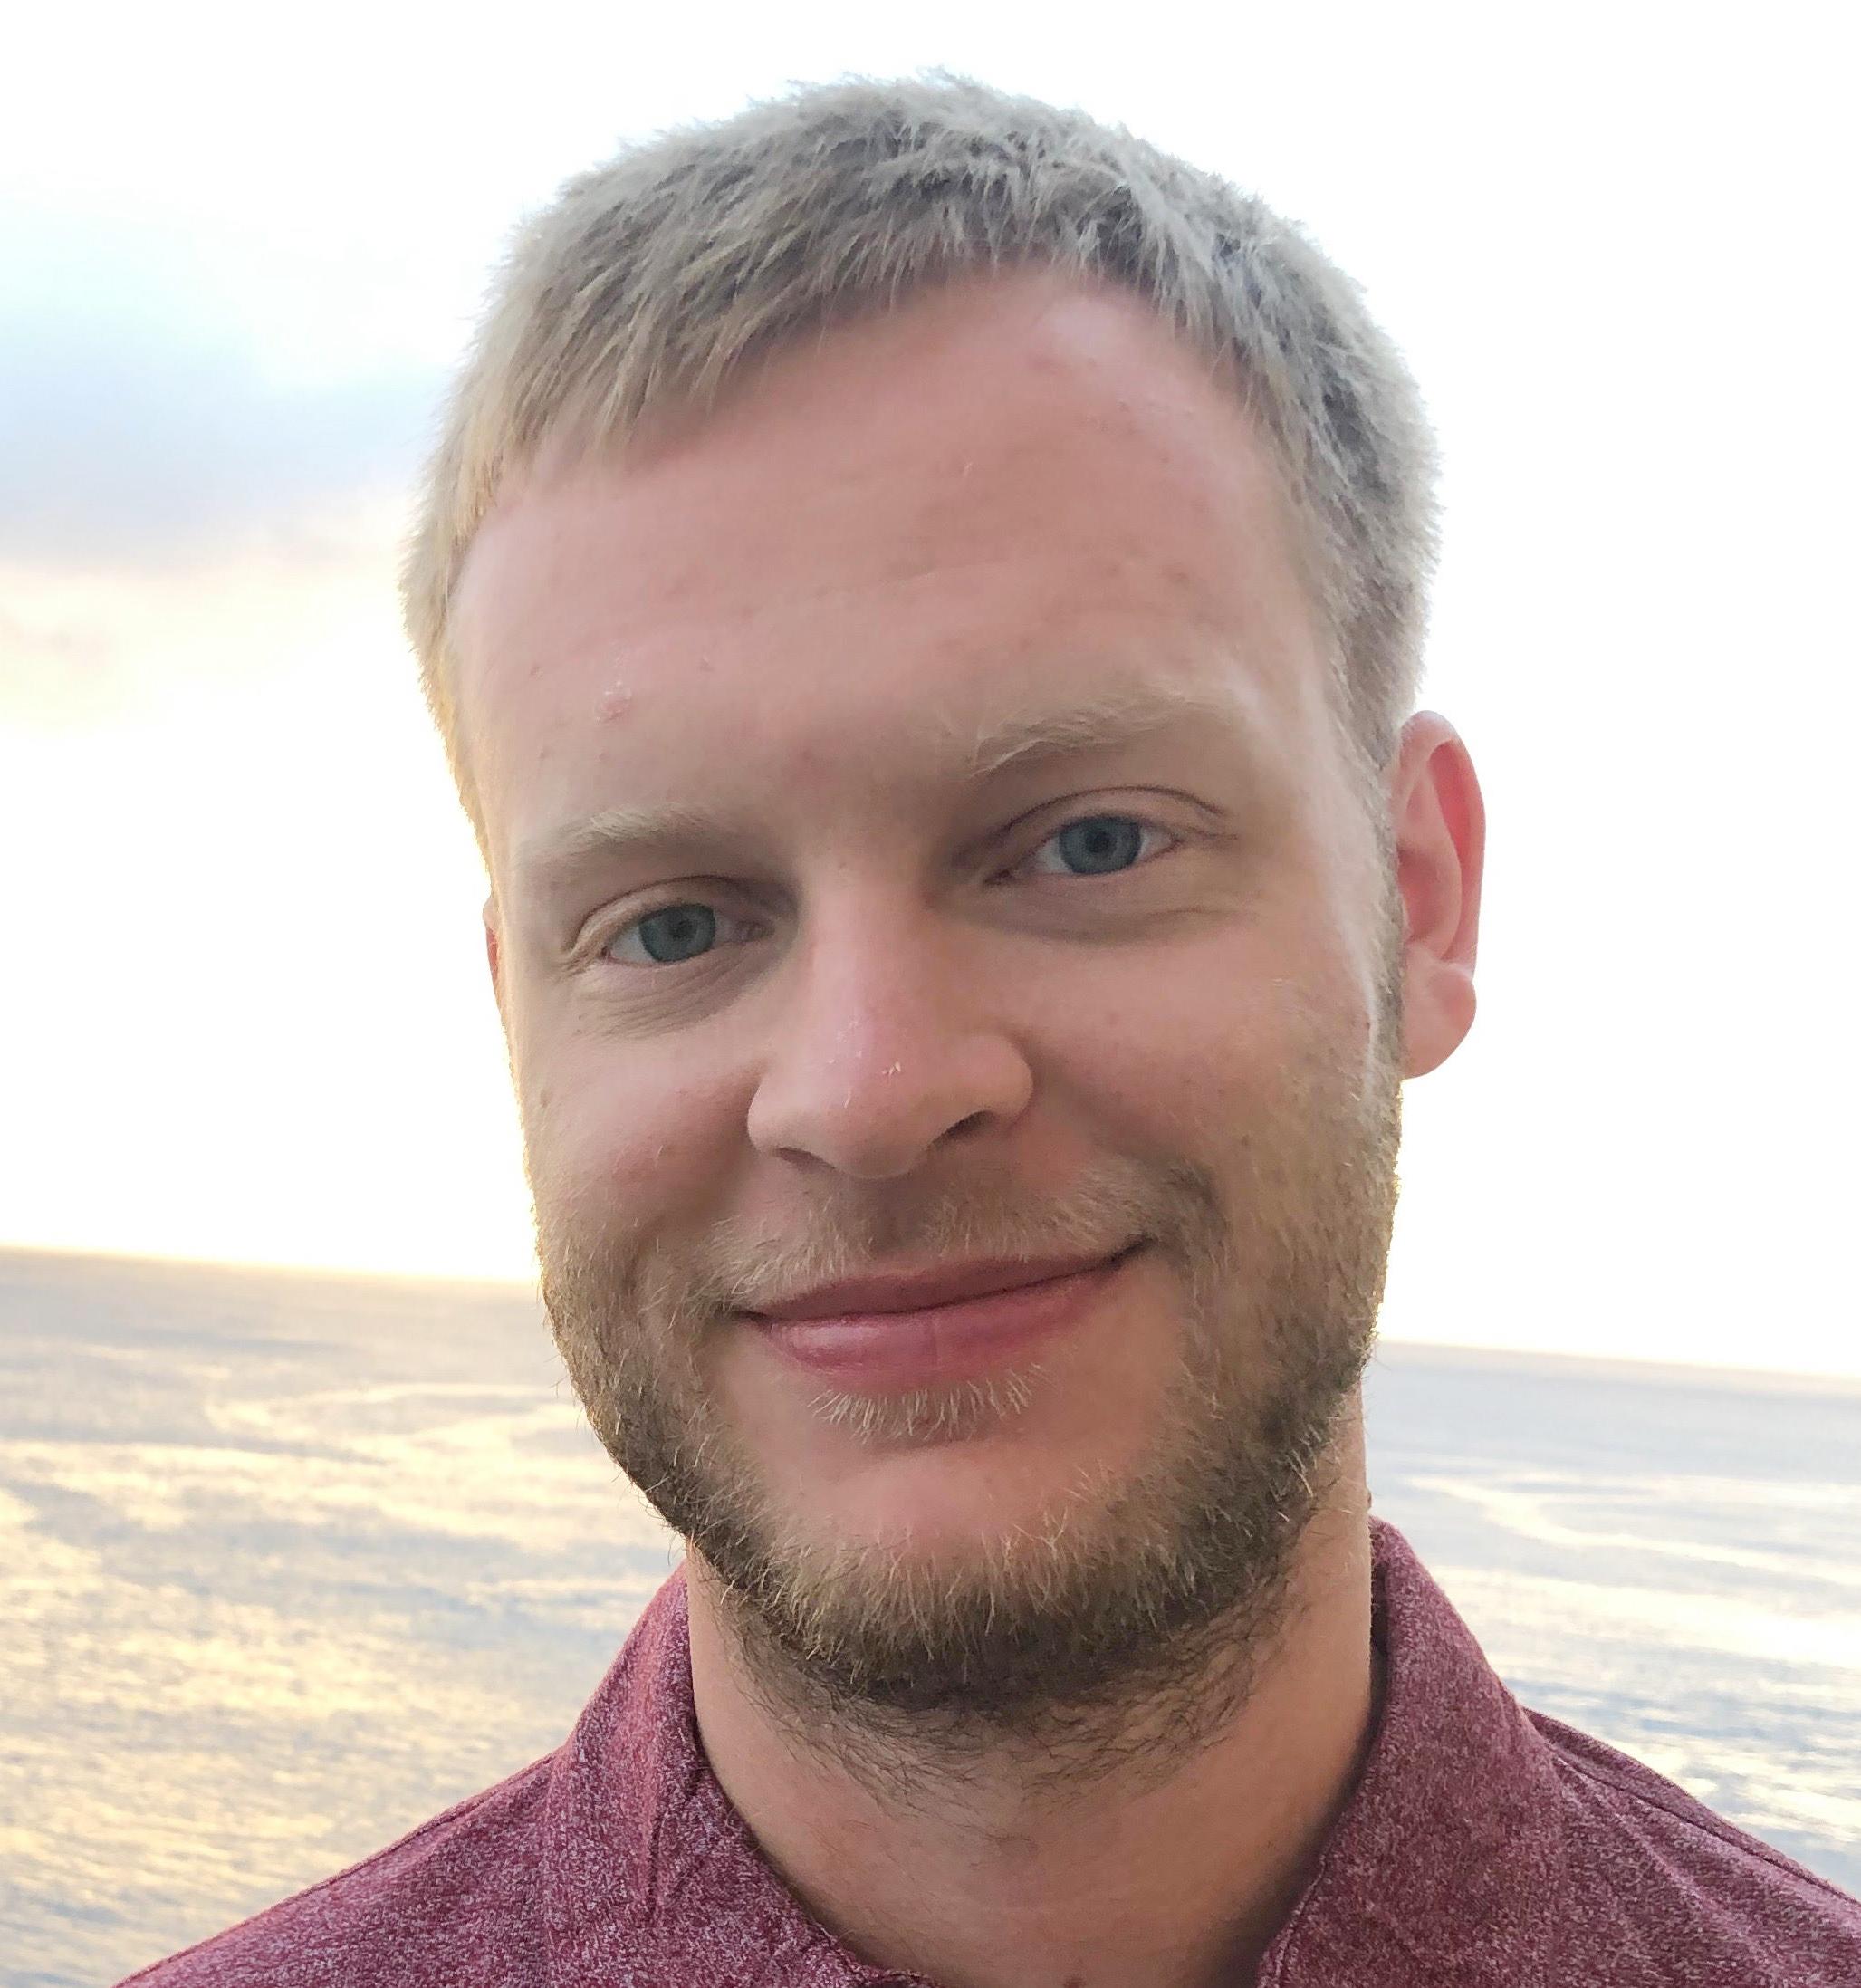 Kyle Schrade